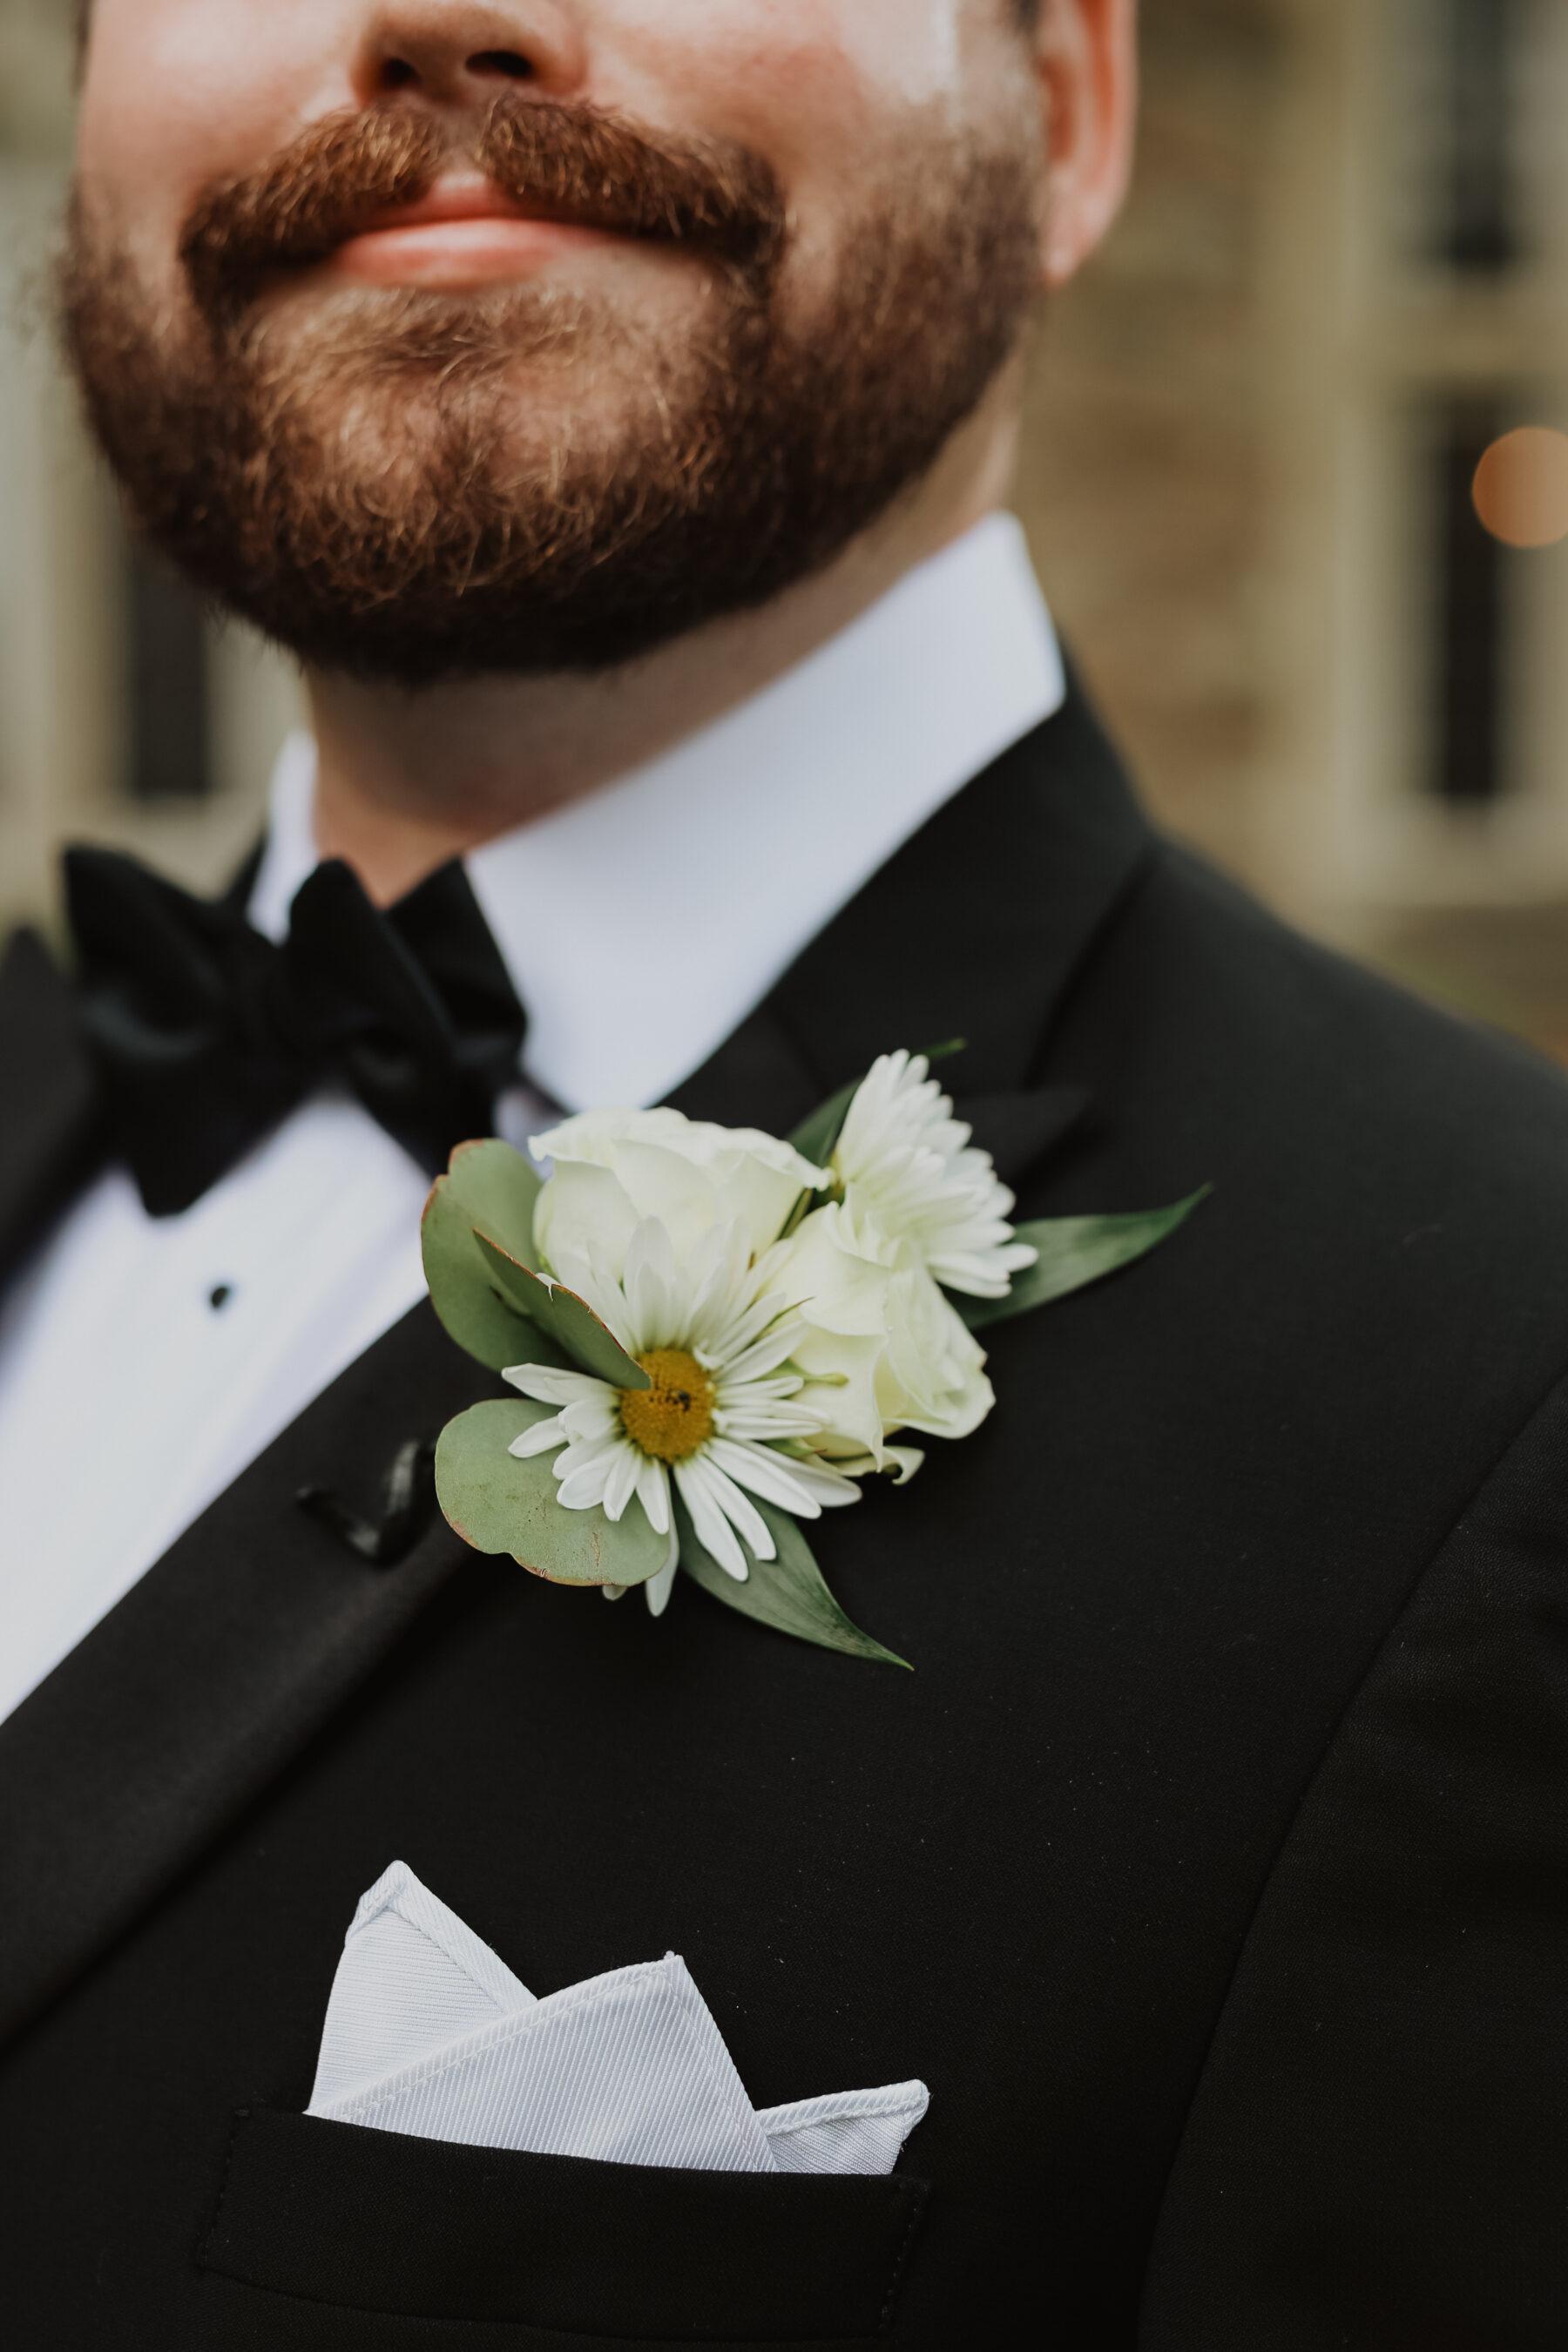 White flower wedding boutonniere | Nashville Bride Guide